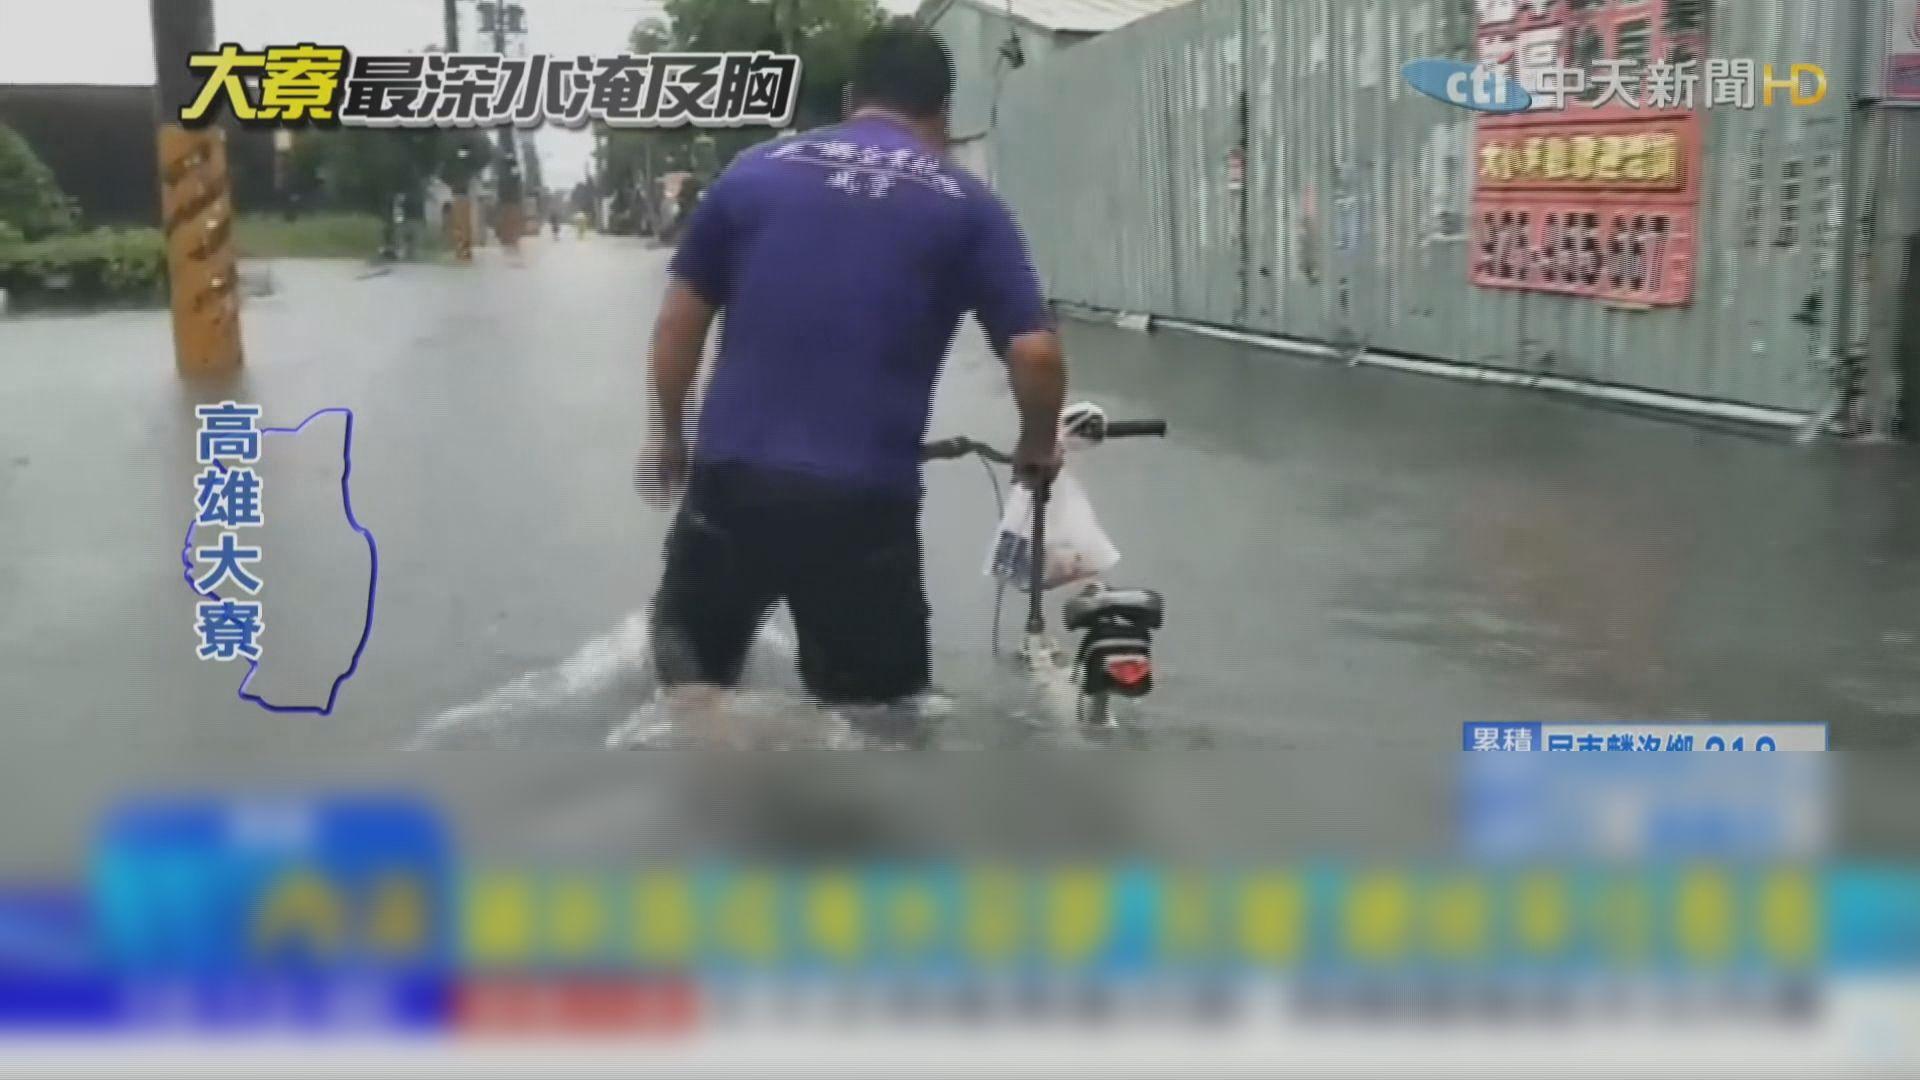 台灣當局指降雨量罕見 超出排水設施負擔